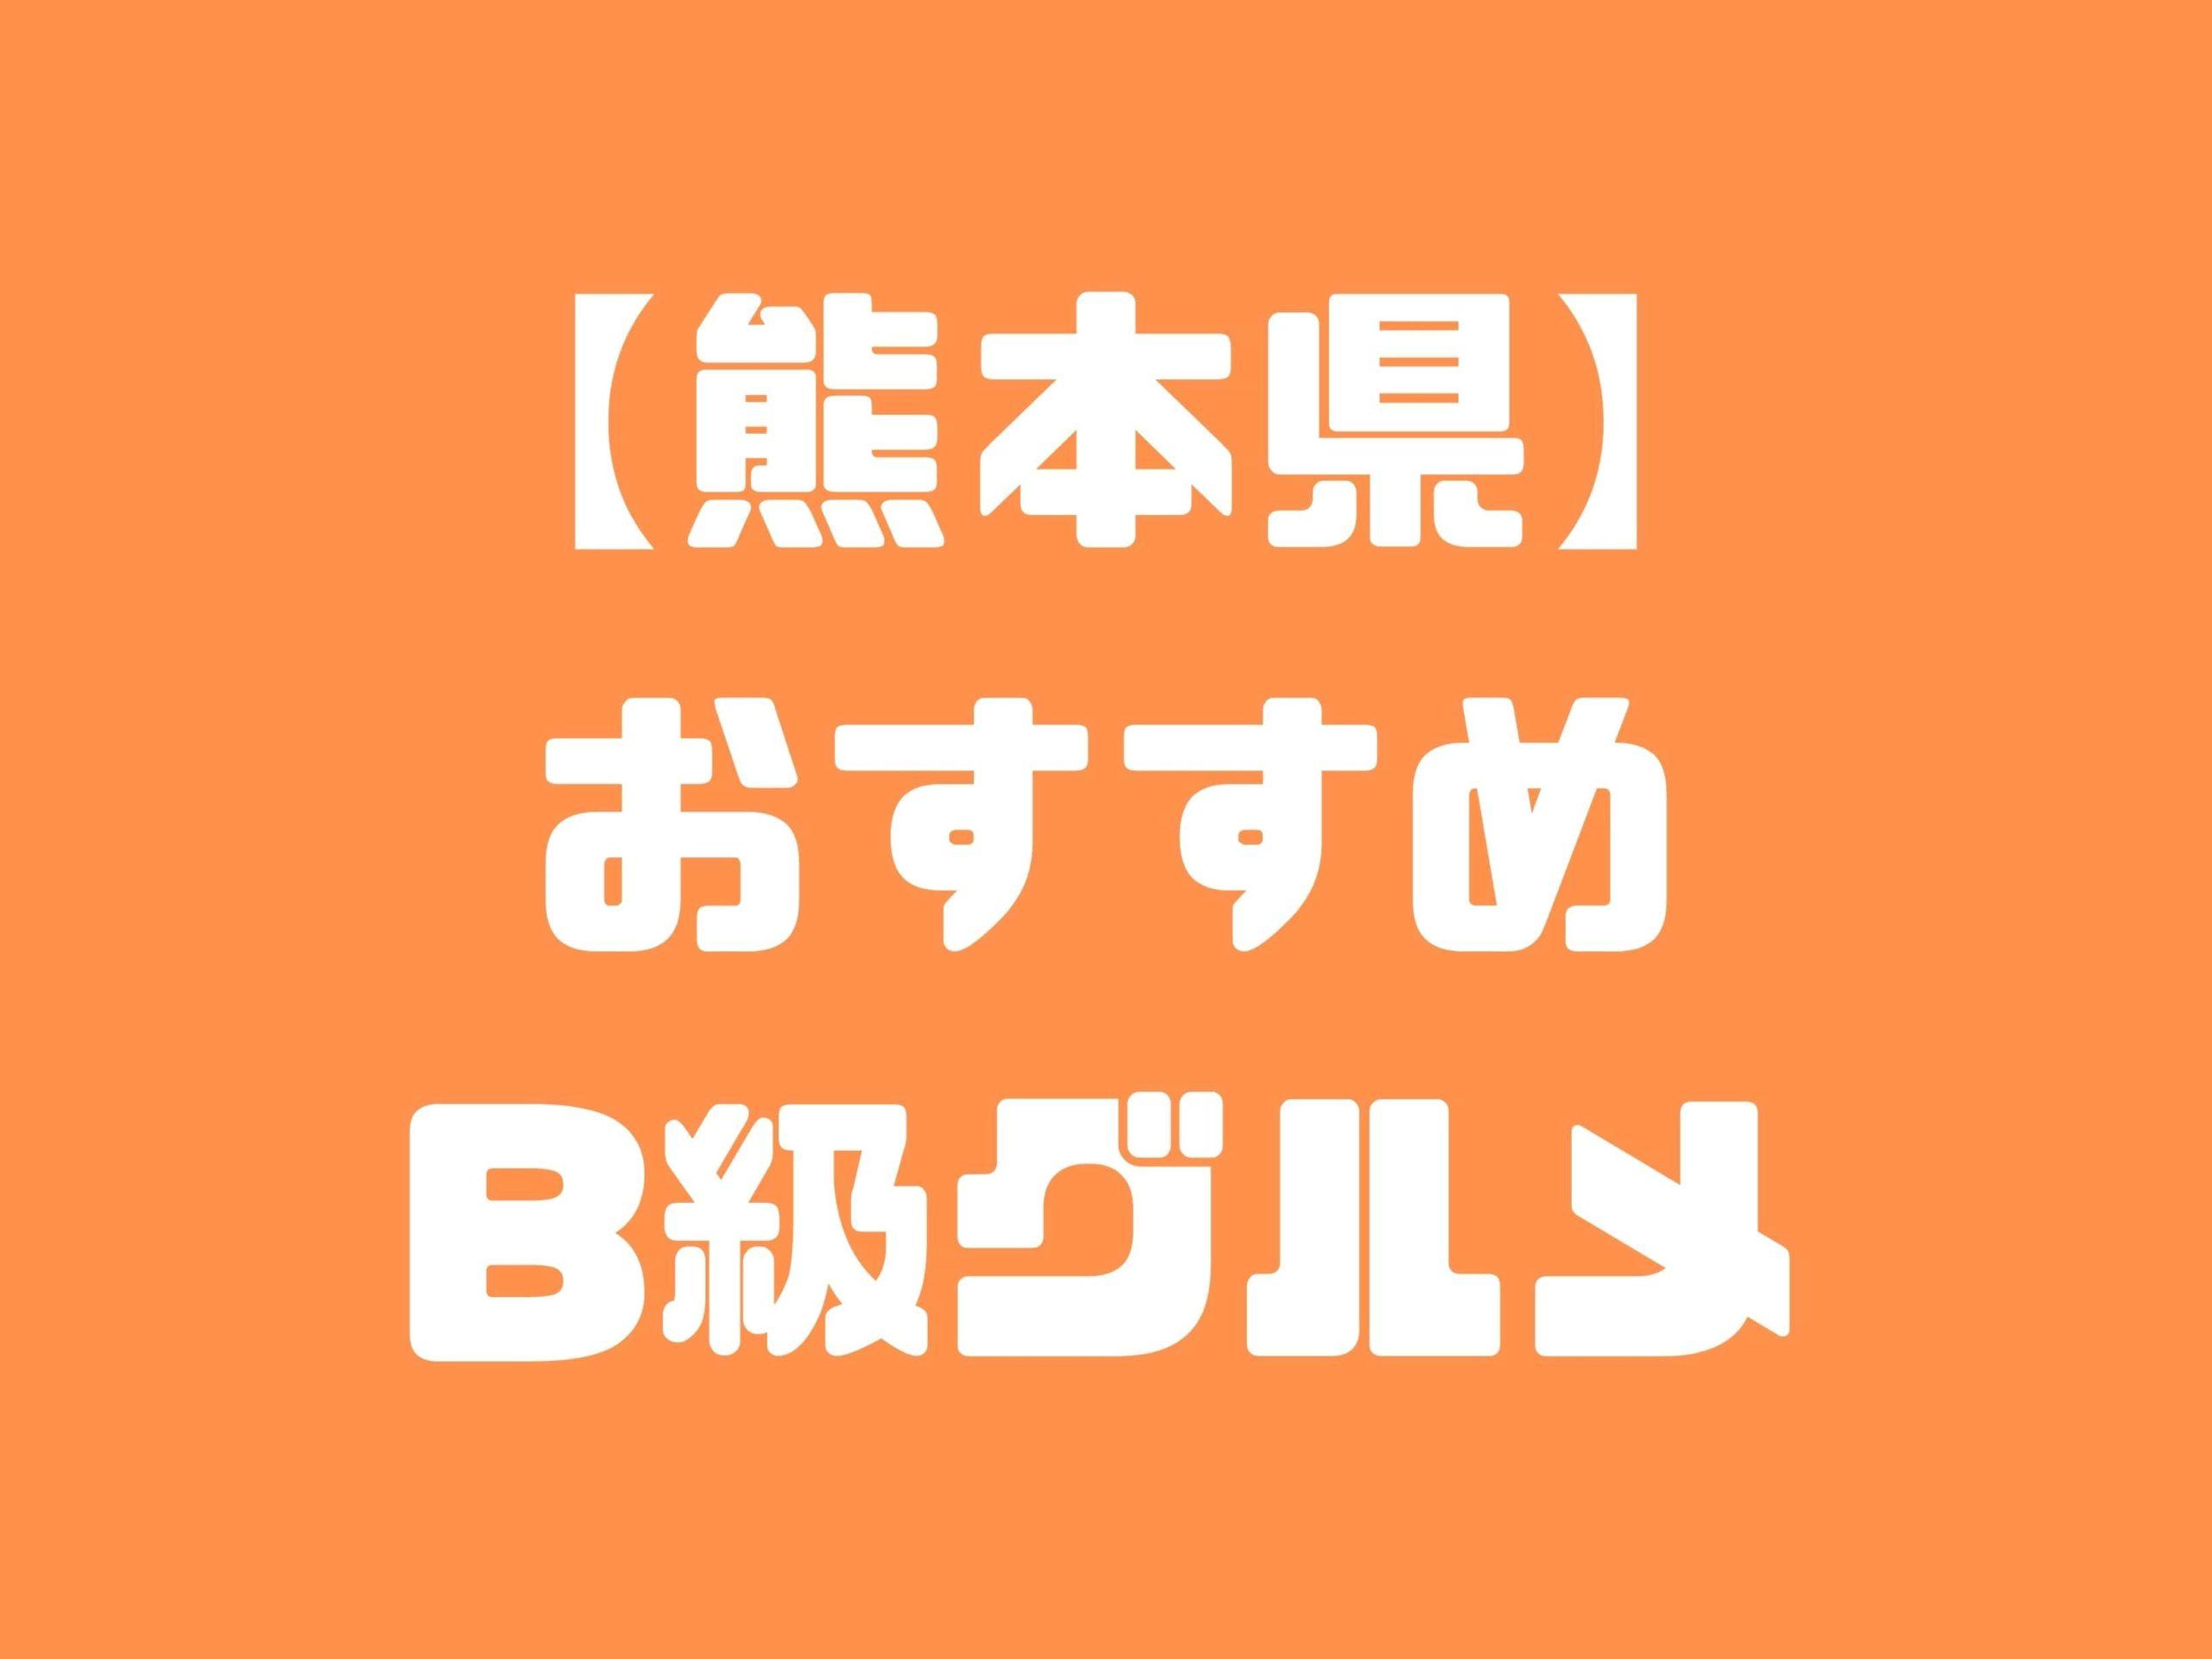 【熊本県版】秘密のケンミンSHOWまとめ